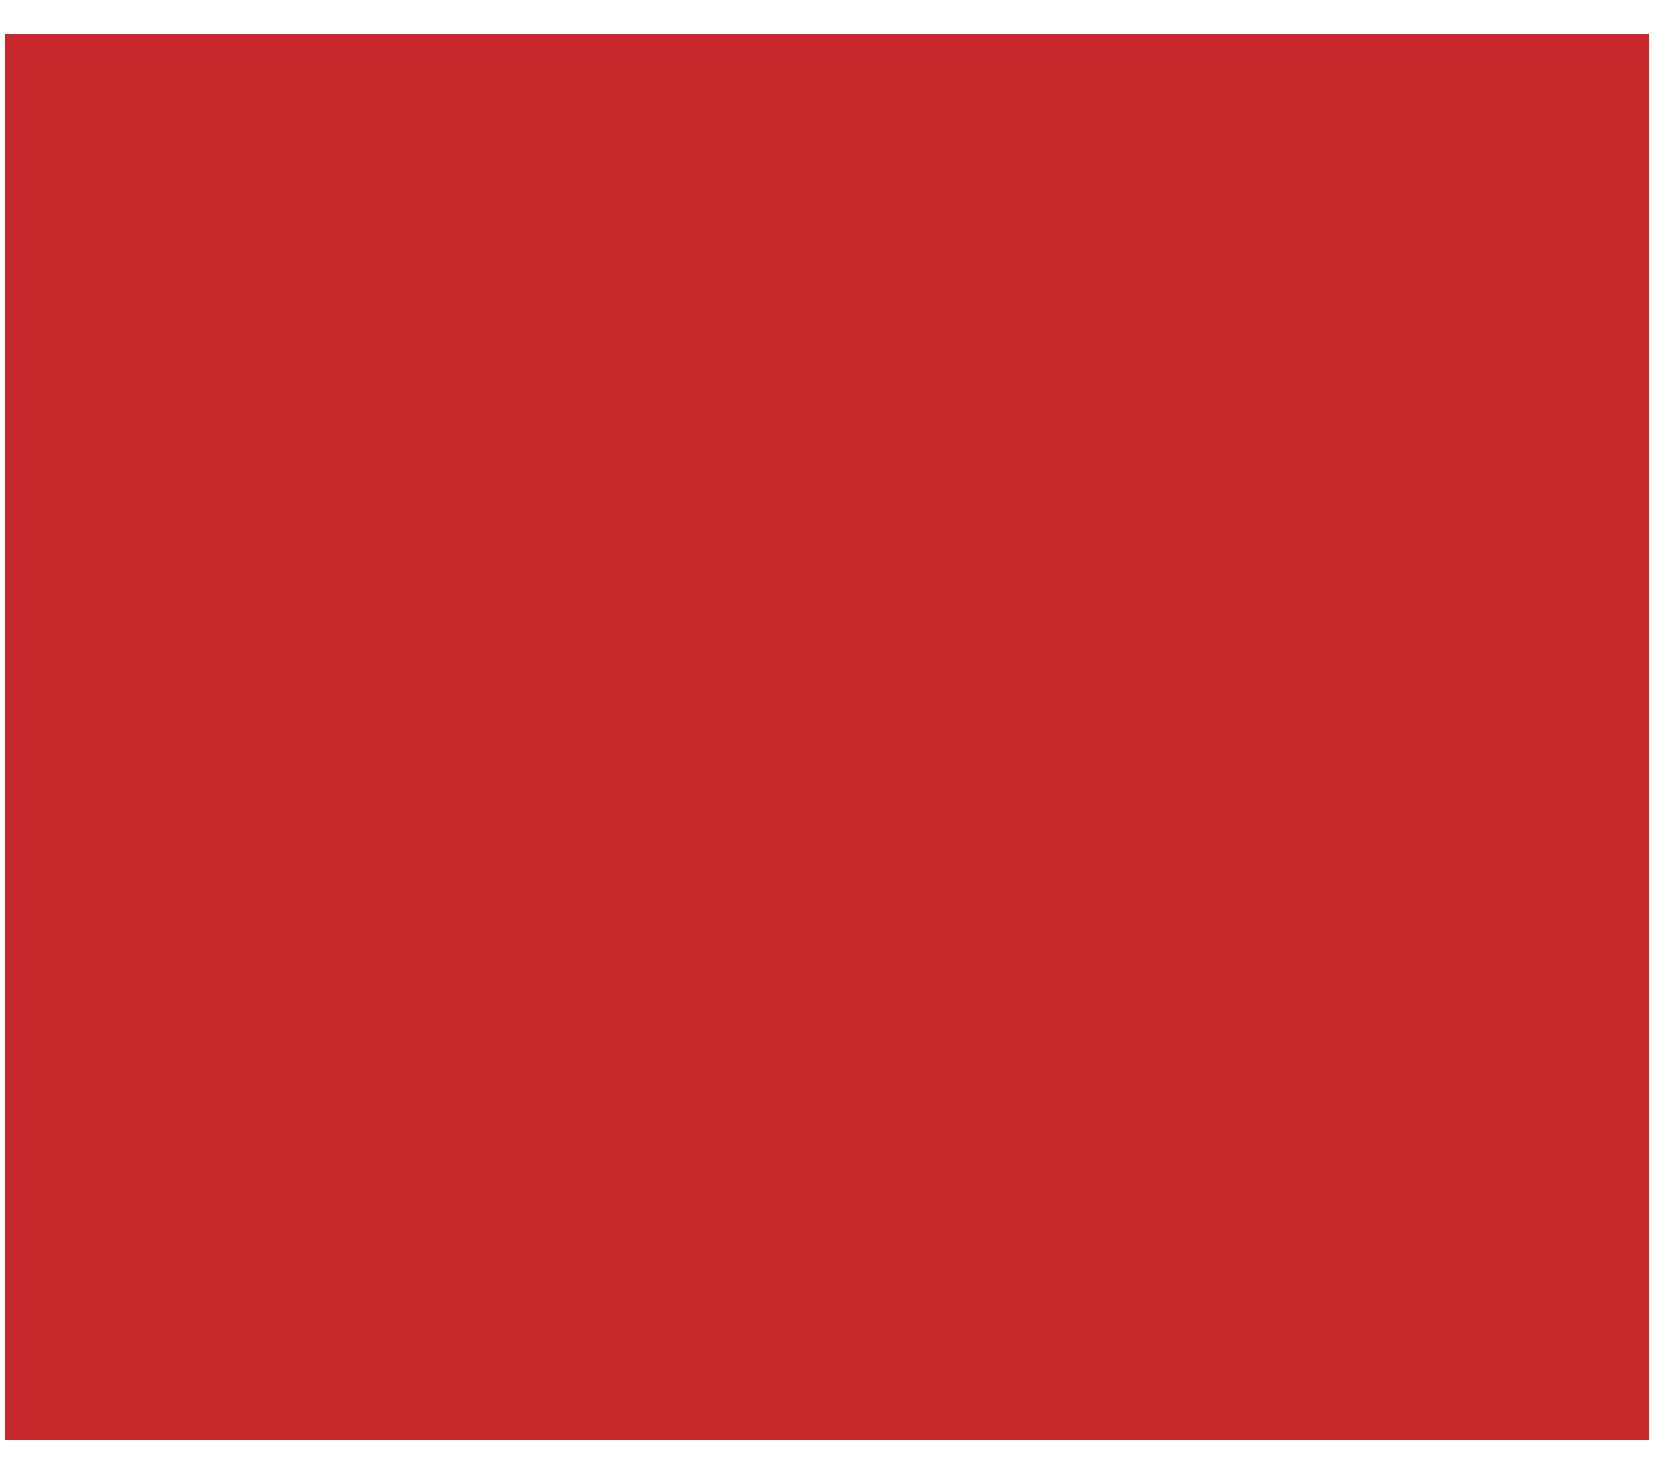 WATERFRONT HOTEL & CASINO CEBU